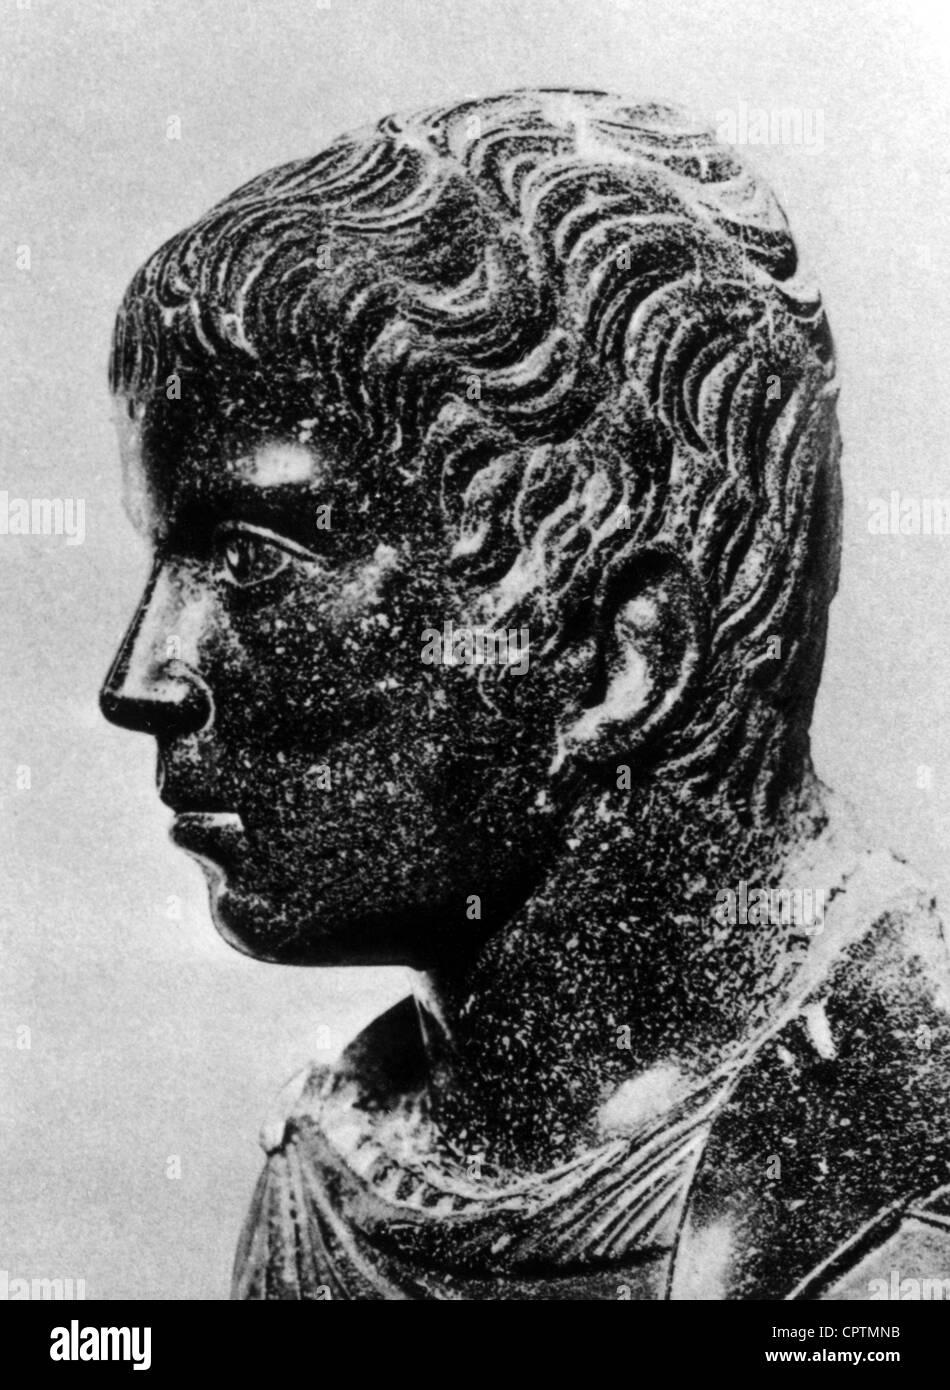 Constantine II (Flavius Claudius Constantinus), 317 - 340, Roman Emperor 337 - 340, portrait, porphyr bust, circa - Stock Image